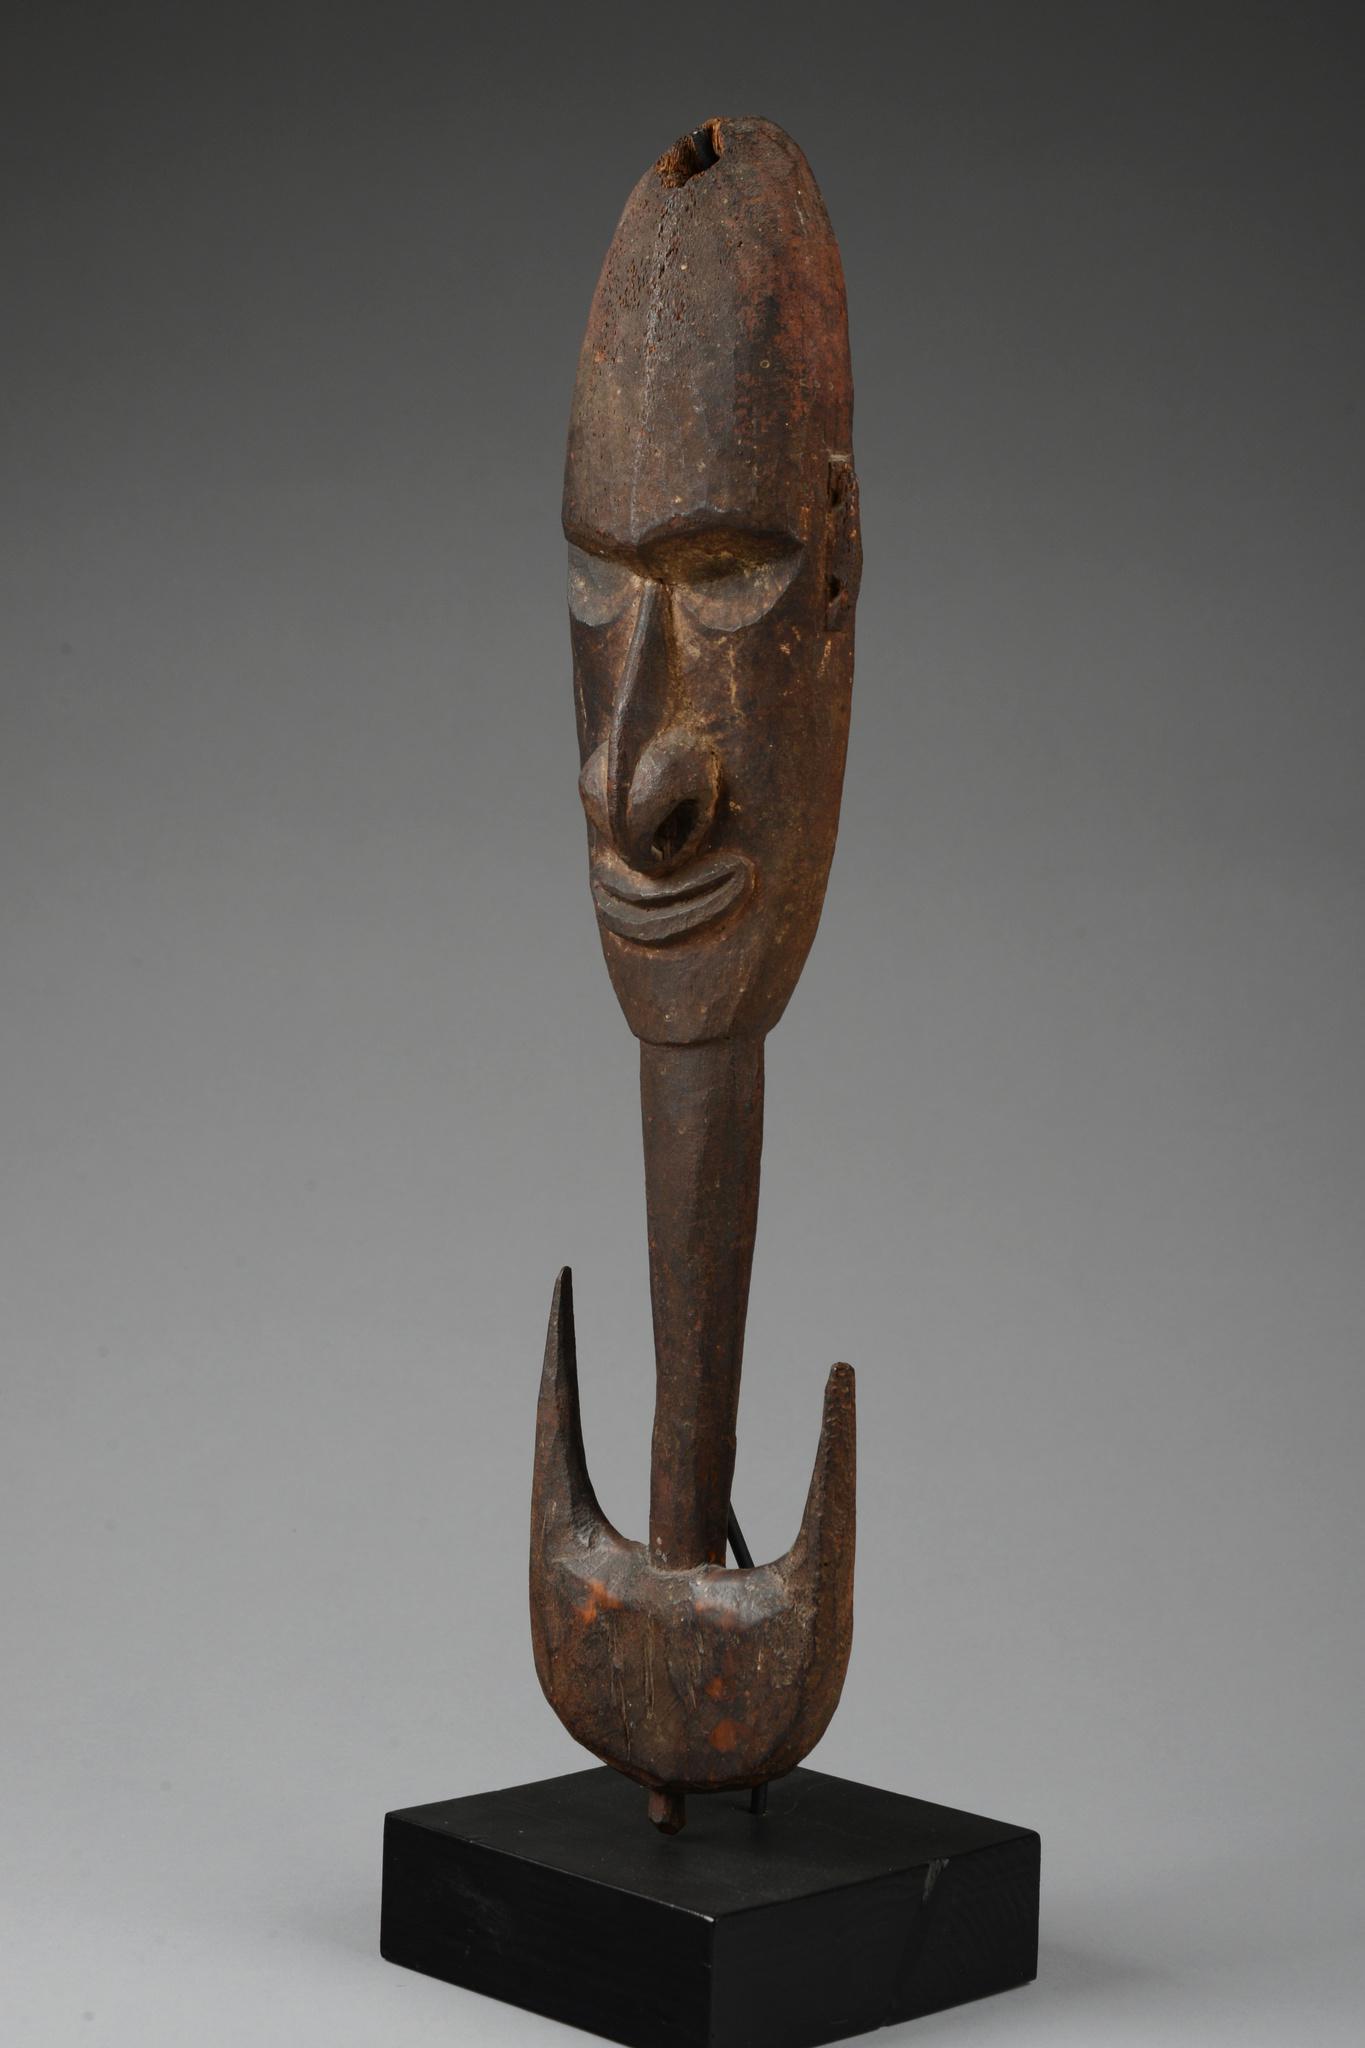 Kleiner Aufhängehaken mit anthropomorphem Gesicht